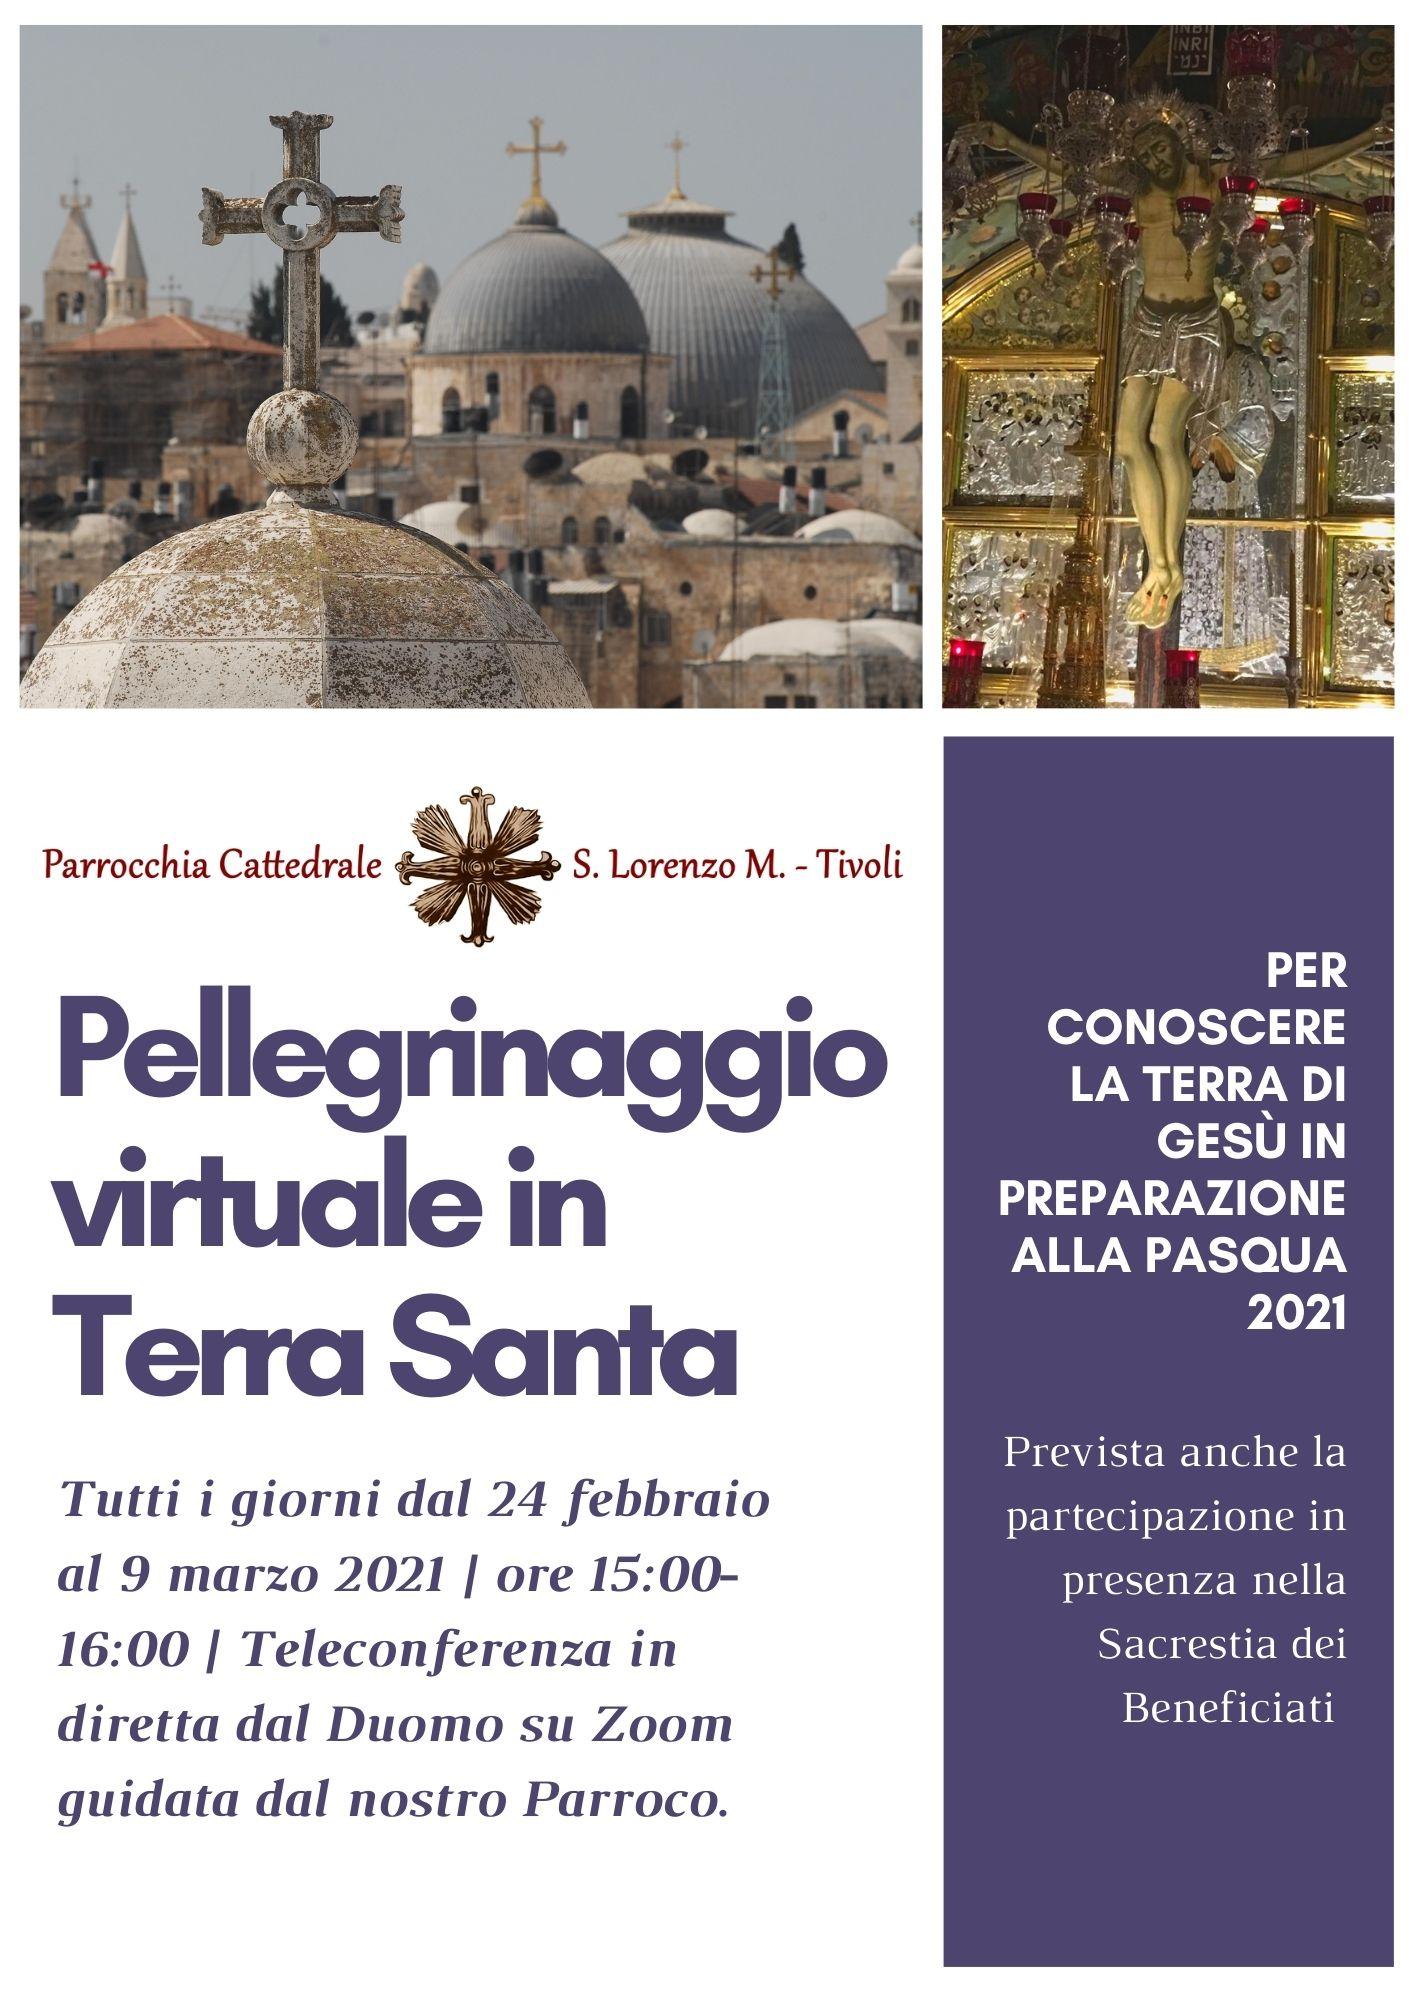 Pellegrinaggio virtuale in Terra Santa